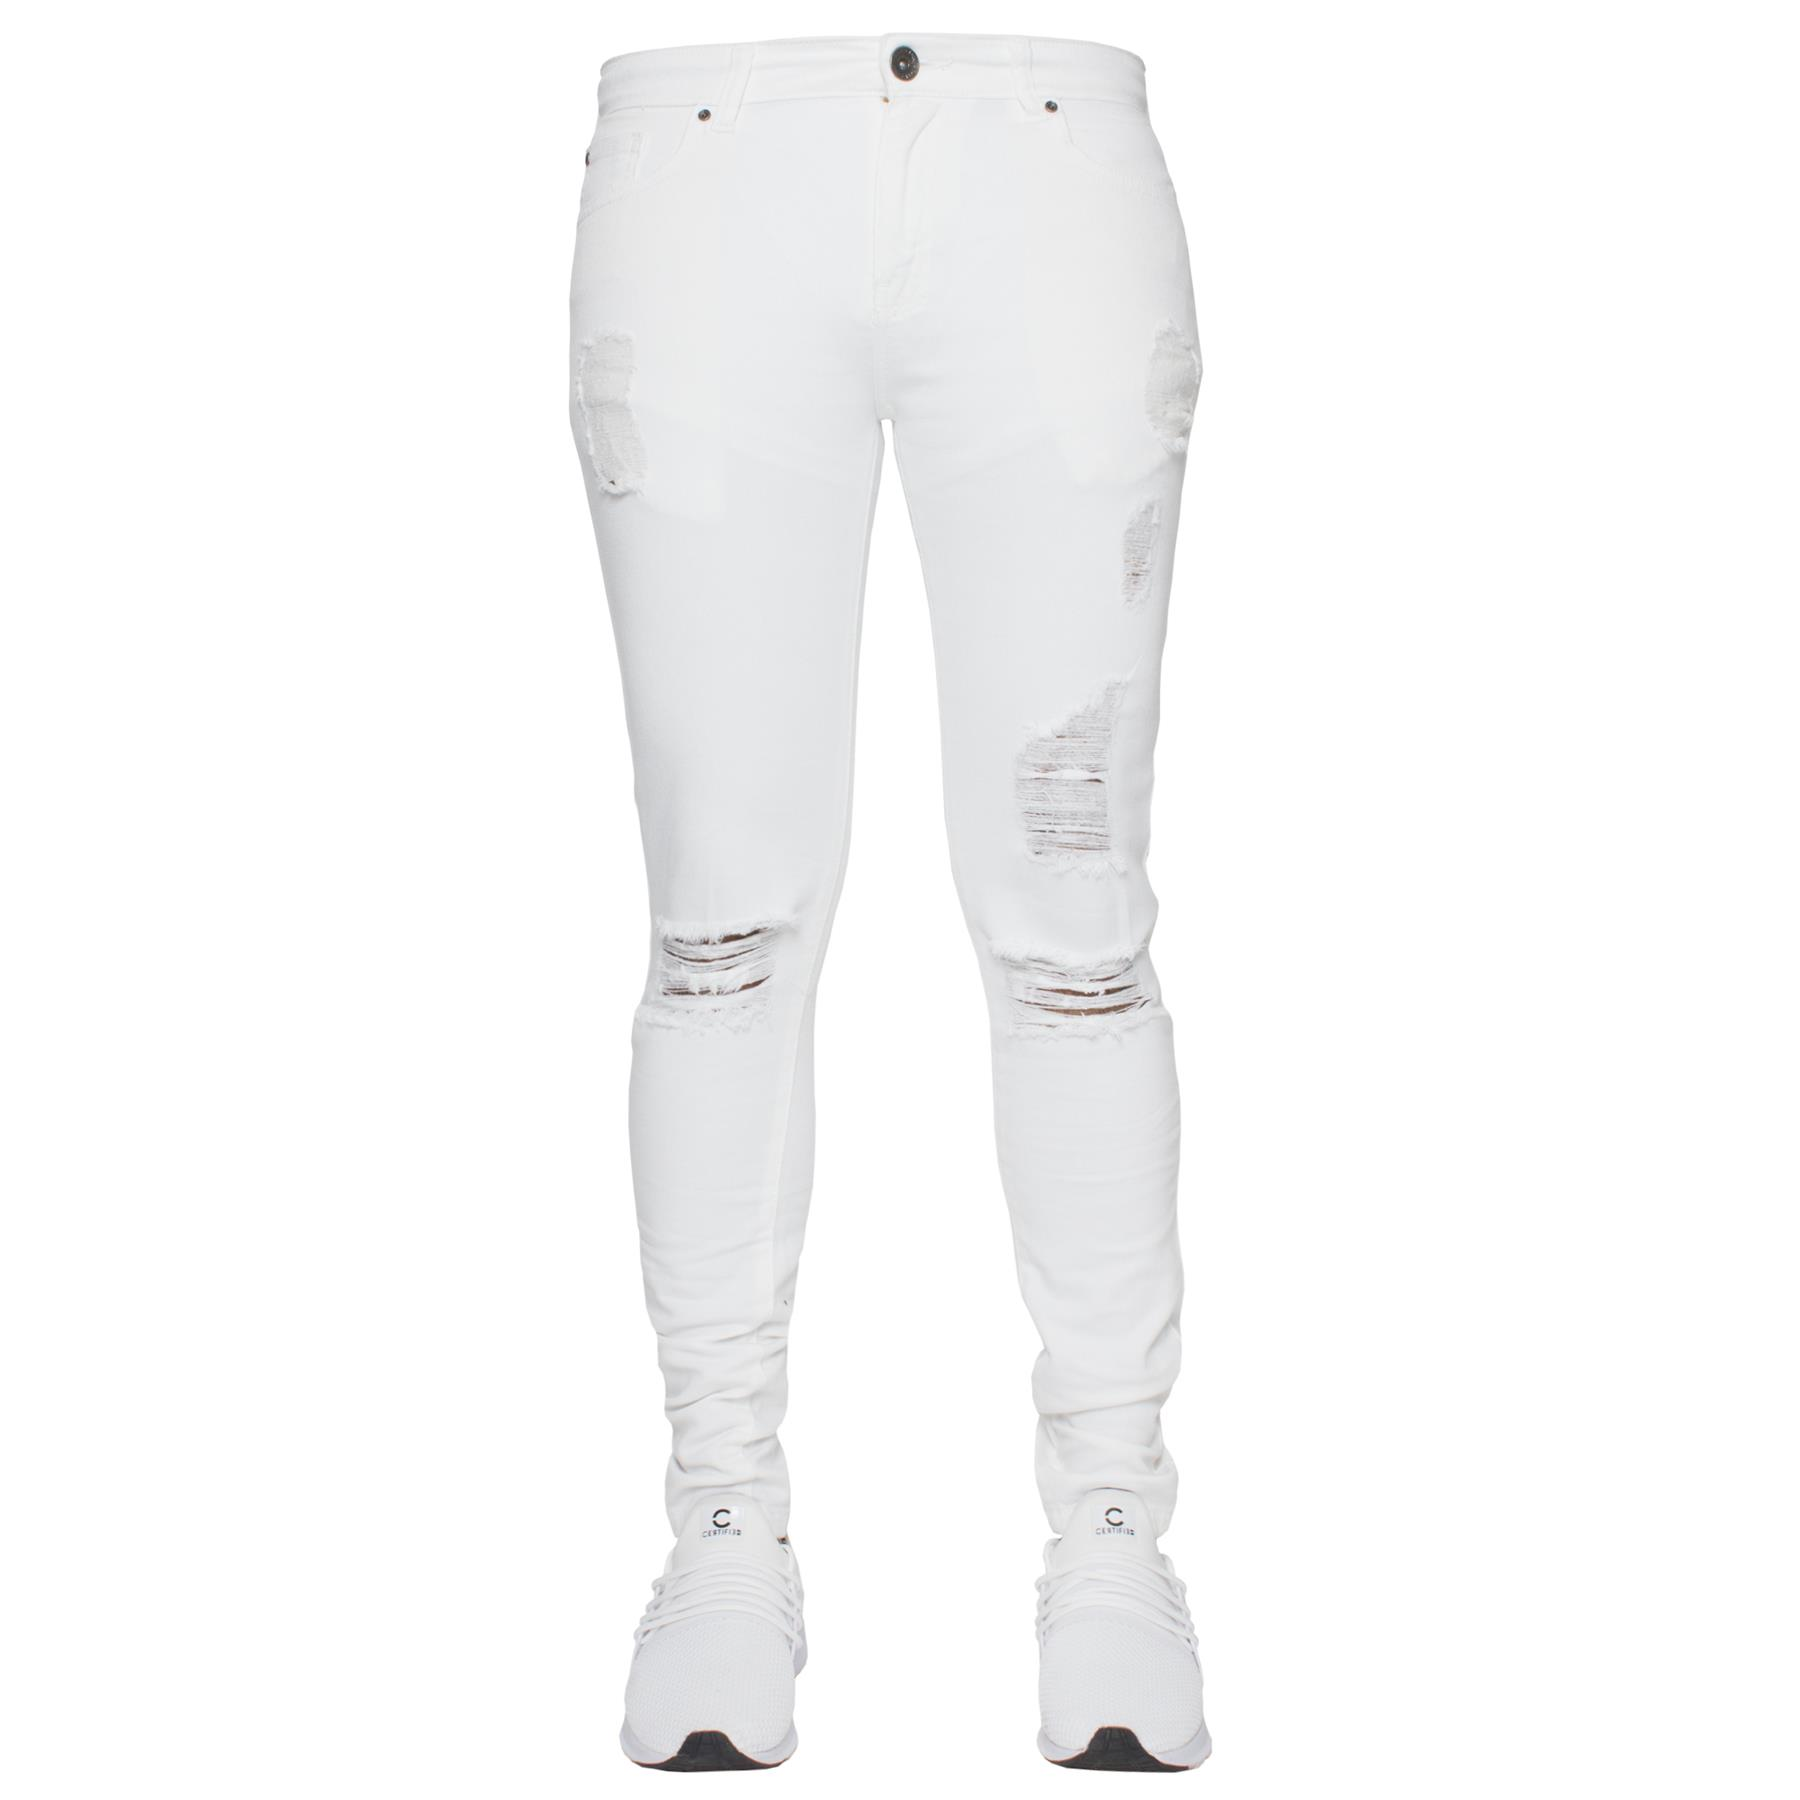 Para-hombre-Super-Skinny-Ripped-Jeans-Pantalones-Ajustados-desgastados-Denim-Envejecido-Todas miniatura 27